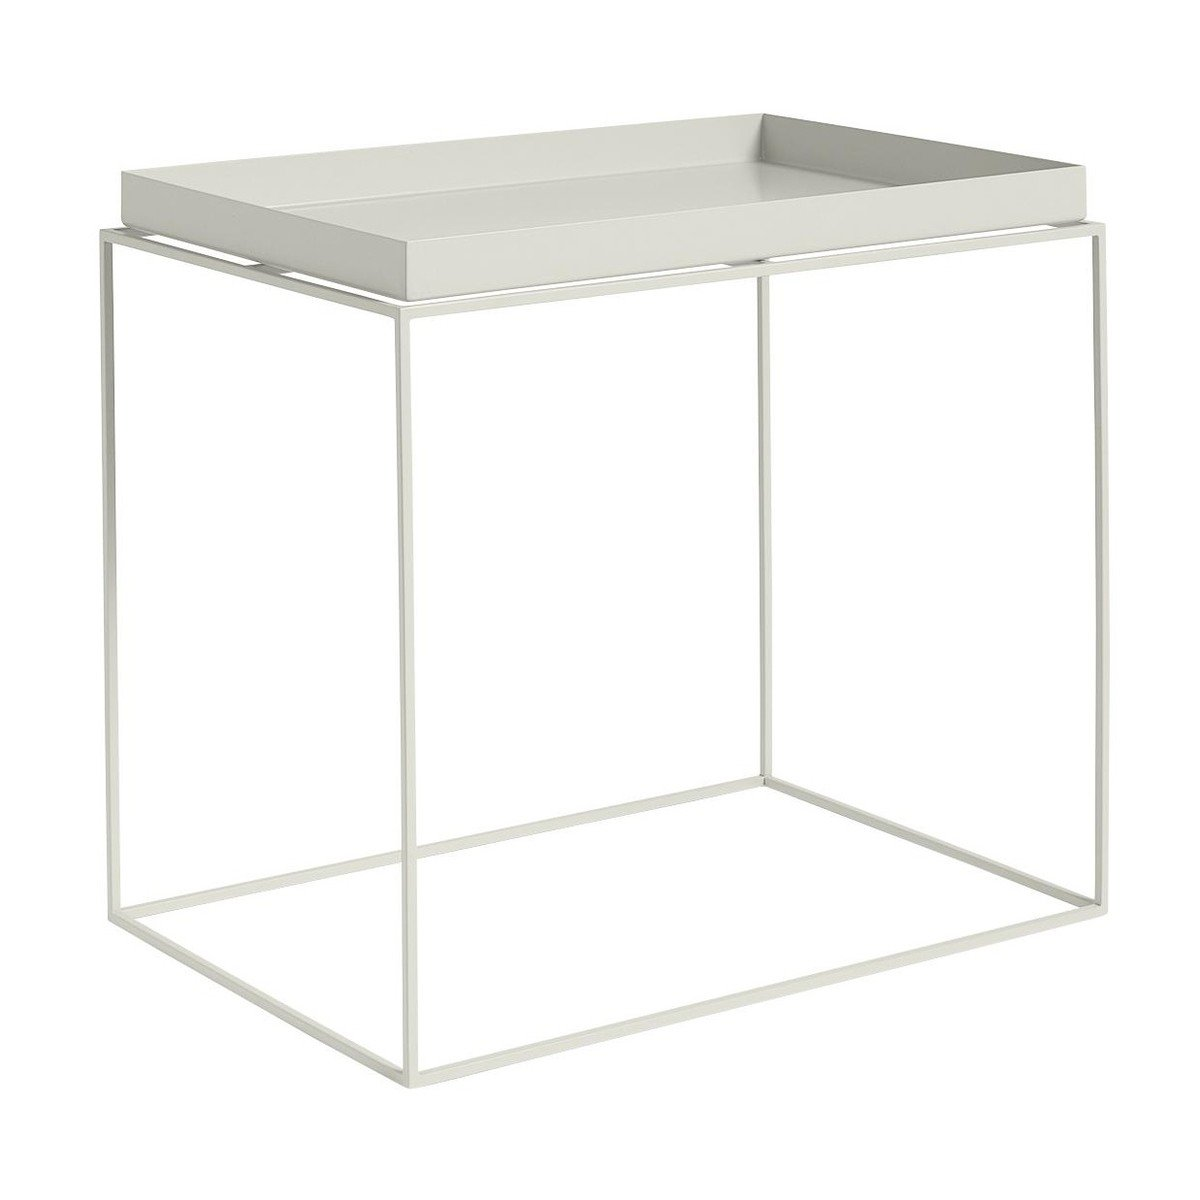 Hay Beistelltisch tray table beistelltisch rechteckig hay ambientedirect com